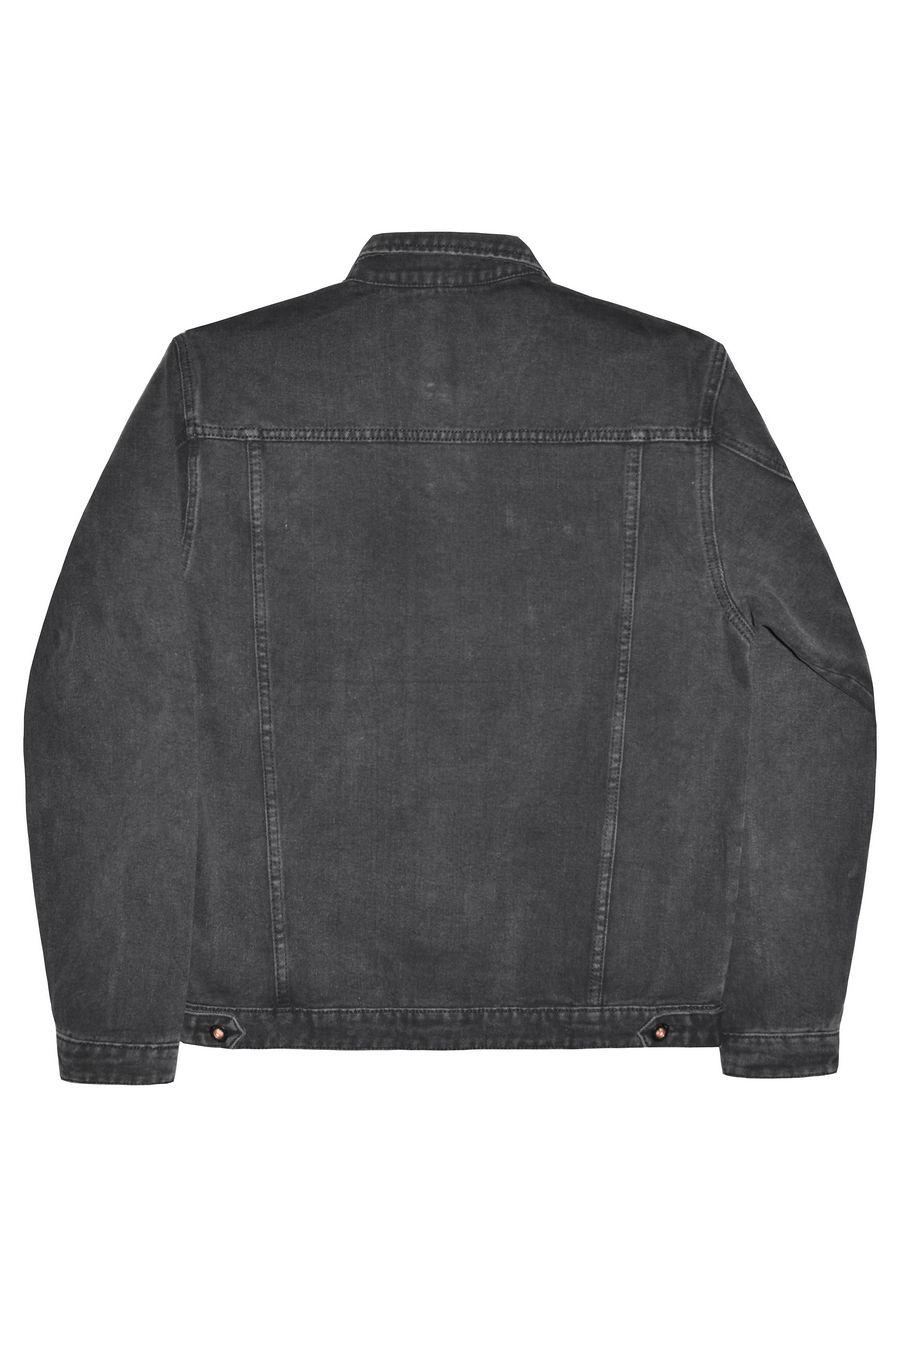 Пиджак мужской (джинсовка) Arnold 3033 - фото 2